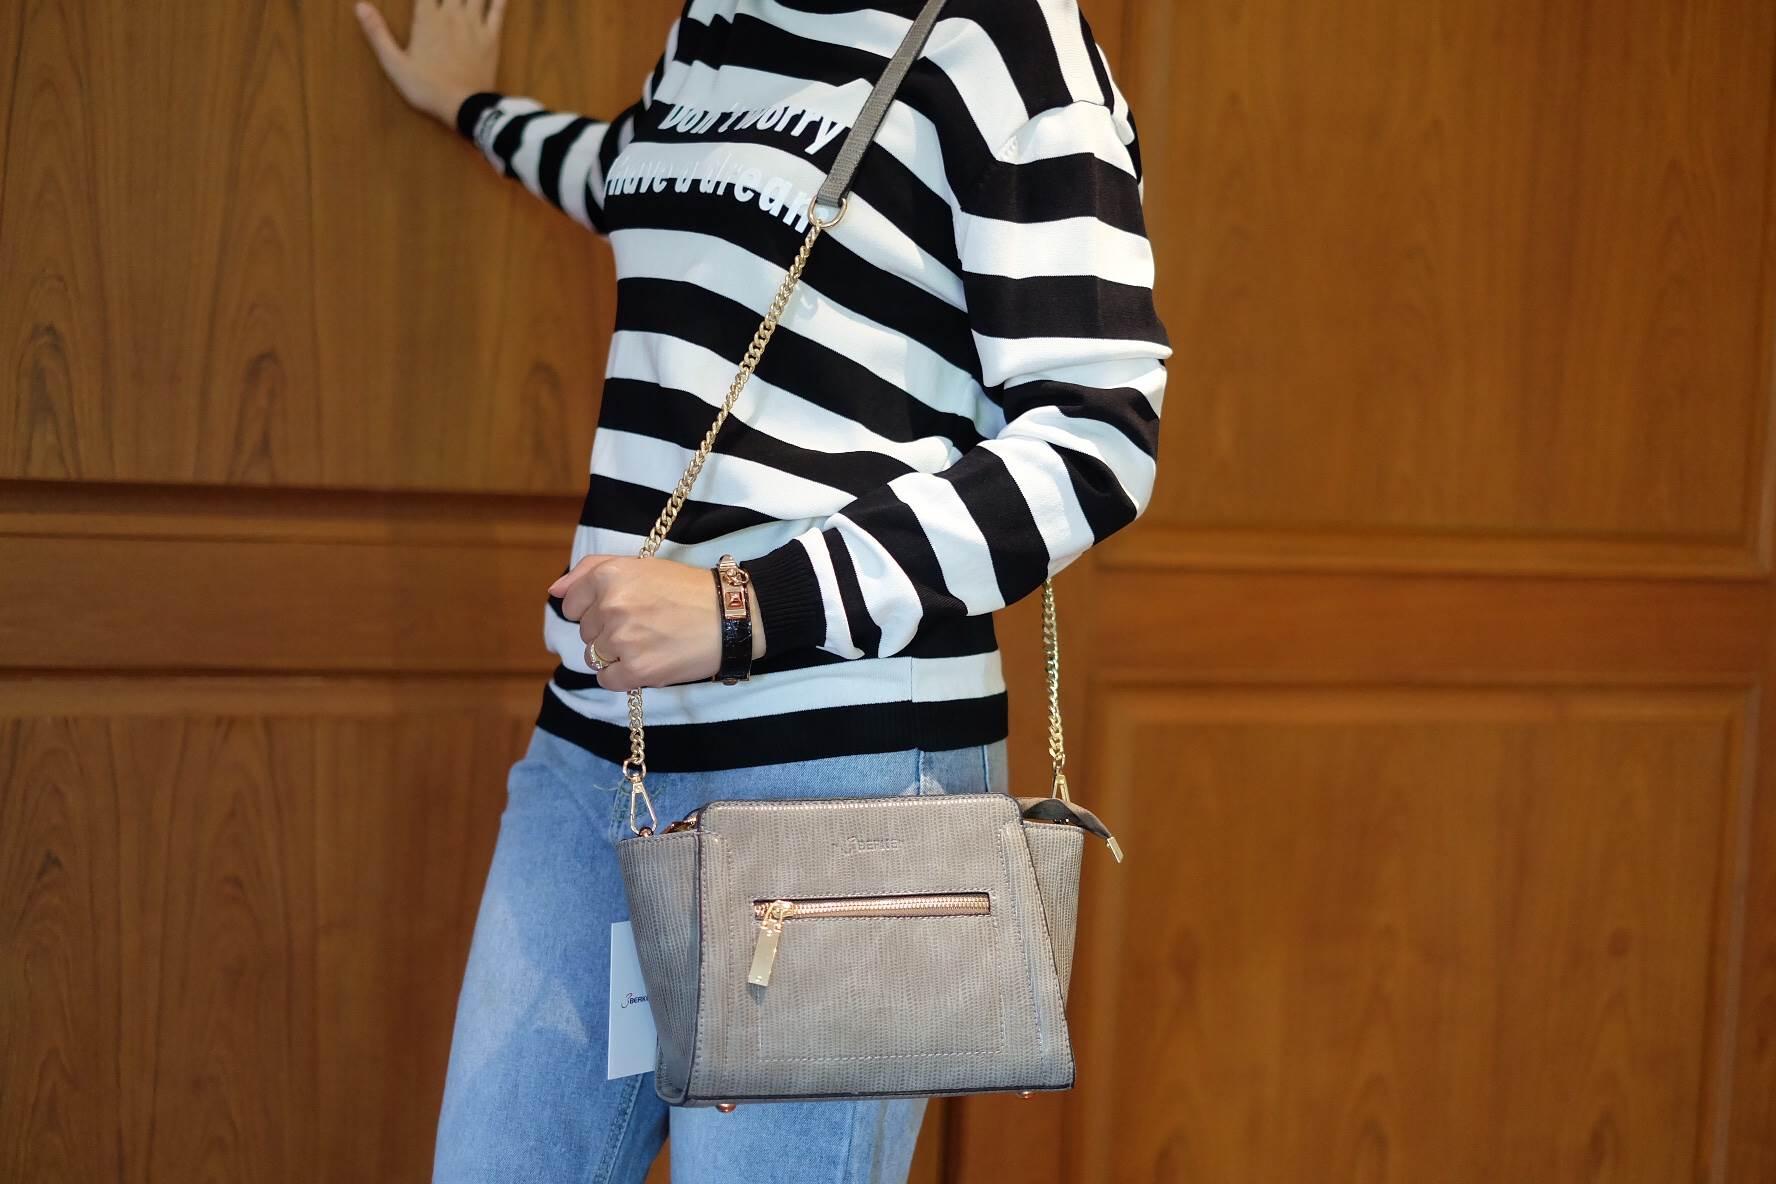 กระเป๋า Berke Cross Body Bag 2017 สีเทา ราคา 890 บาท Free Ems